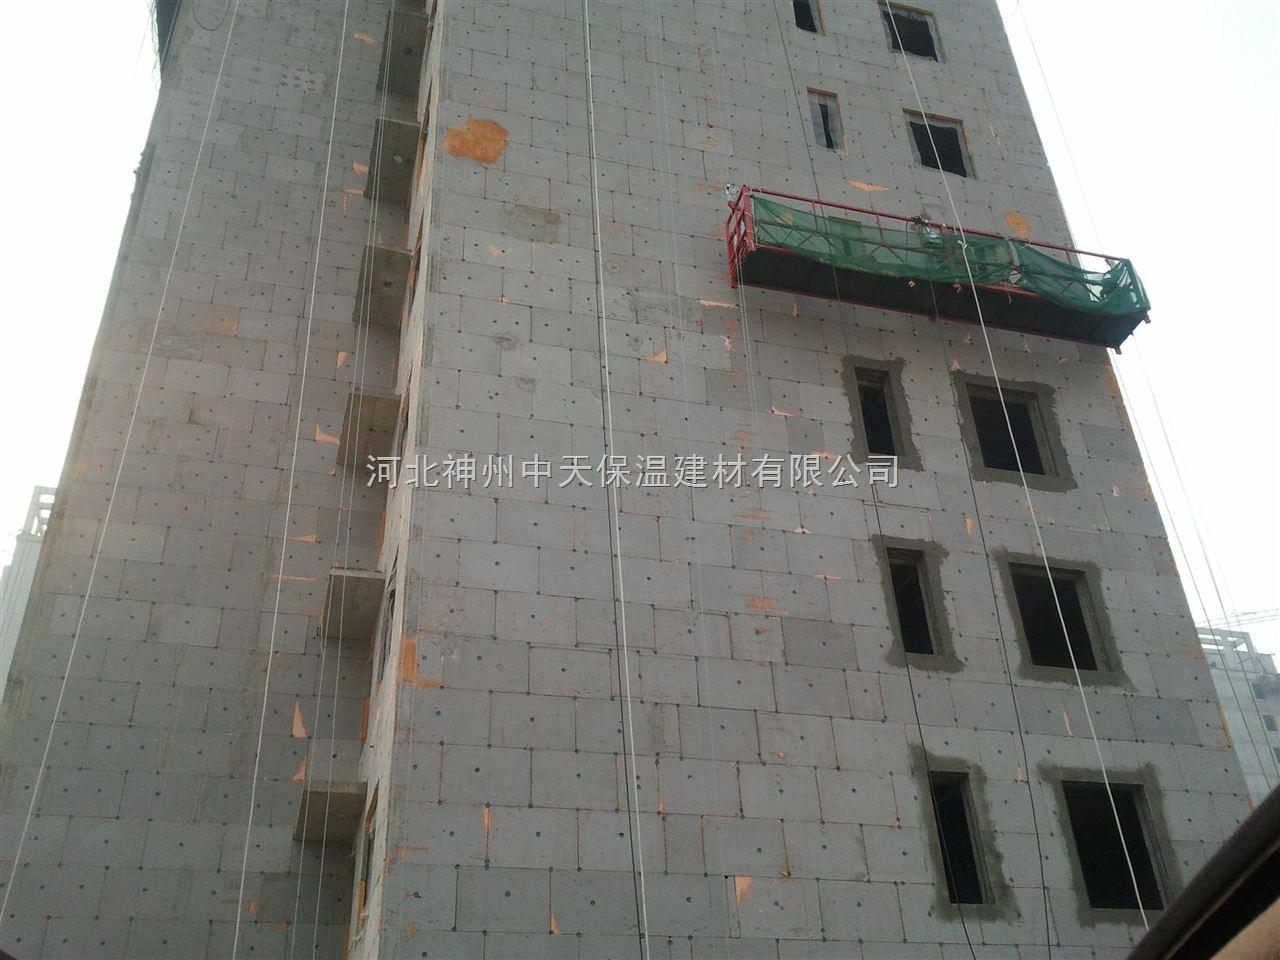 主要材料是水泥,加入双氧水、硬钙、粉煤灰和水泥发泡剂融合发泡而成。发泡水泥保温板是目前墙体保温和墙体保温防火隔离带最理想的保温材料,其优点是:导热系数低,保温效果好,不燃烧,防水,与墙体粘结力强,强度高,无毒害放射物质,环保。  3性能编辑 发泡保温板是一种高性能无机保温材料,它是一种多孔轻质高性能保文物级板材,是由多种无机胶凝材料与改性剂、发泡剂等添加剂经搅拌系统、养护系统、切割系统等设备生产制成的一种导热系数低、保温隔热性能好、耐高温、耐老化、A1级不燃的无机保温材料,水泥发泡保温板可广泛应用于建筑外